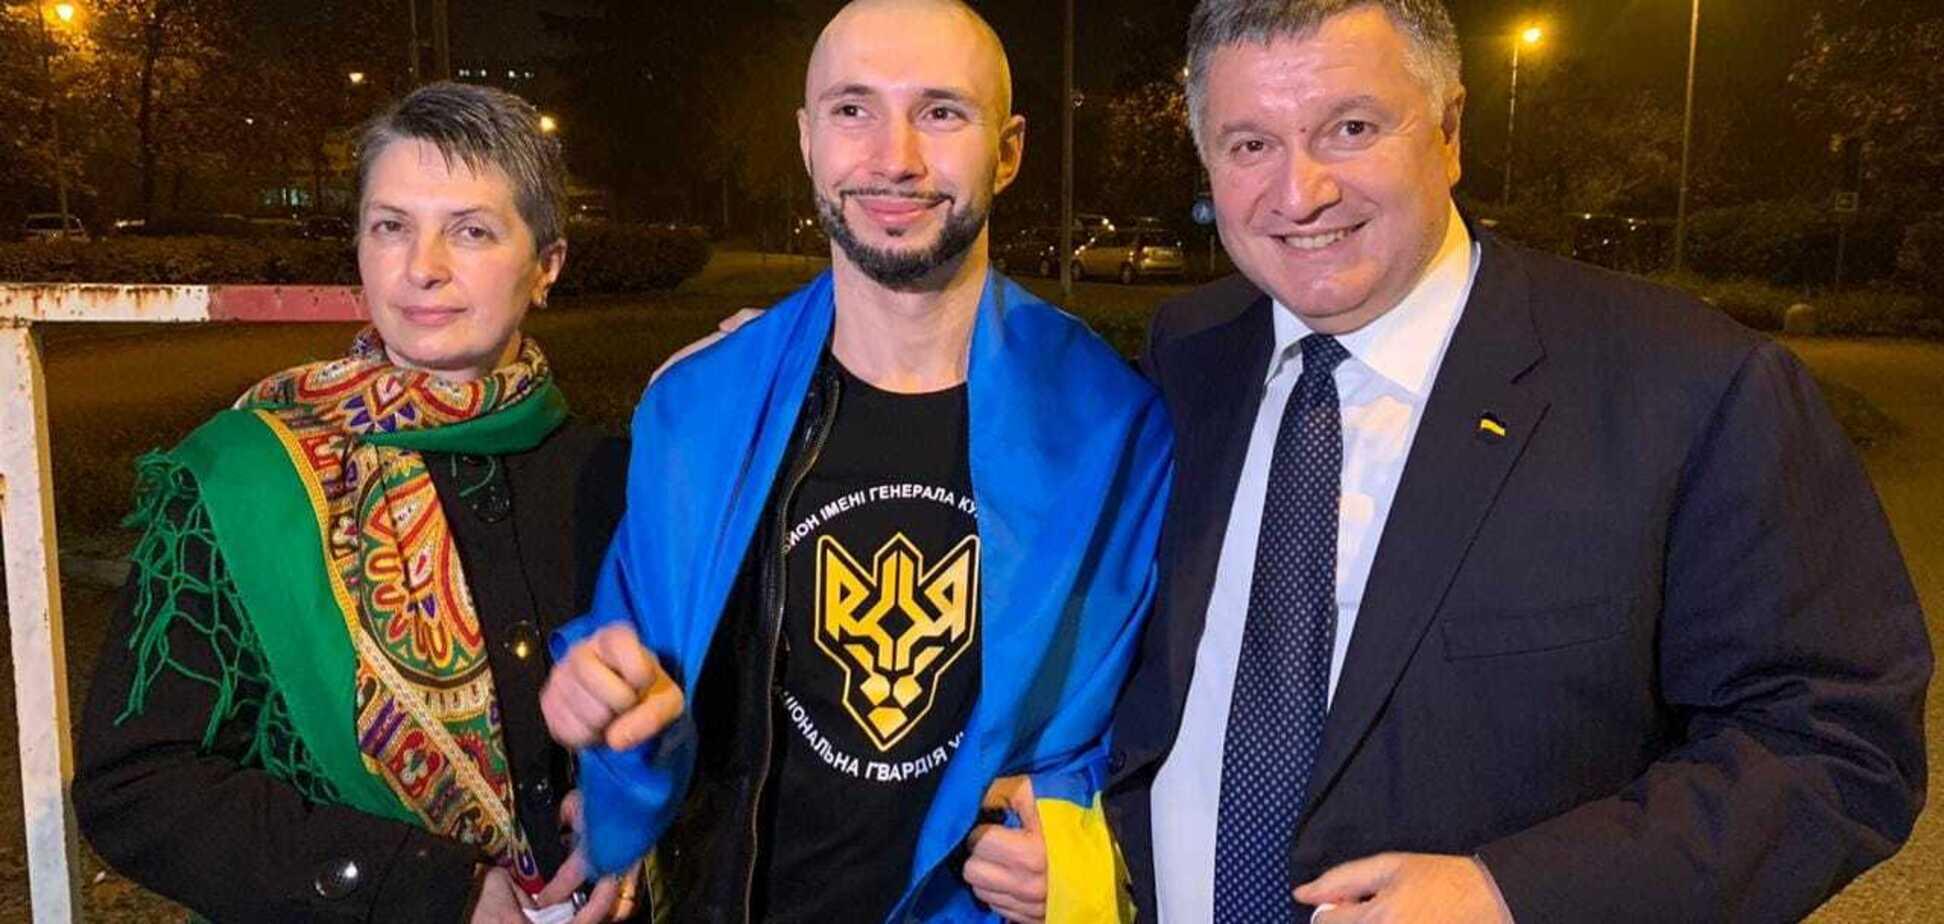 Ще не вмерла Україна — если она может защитить своего героя